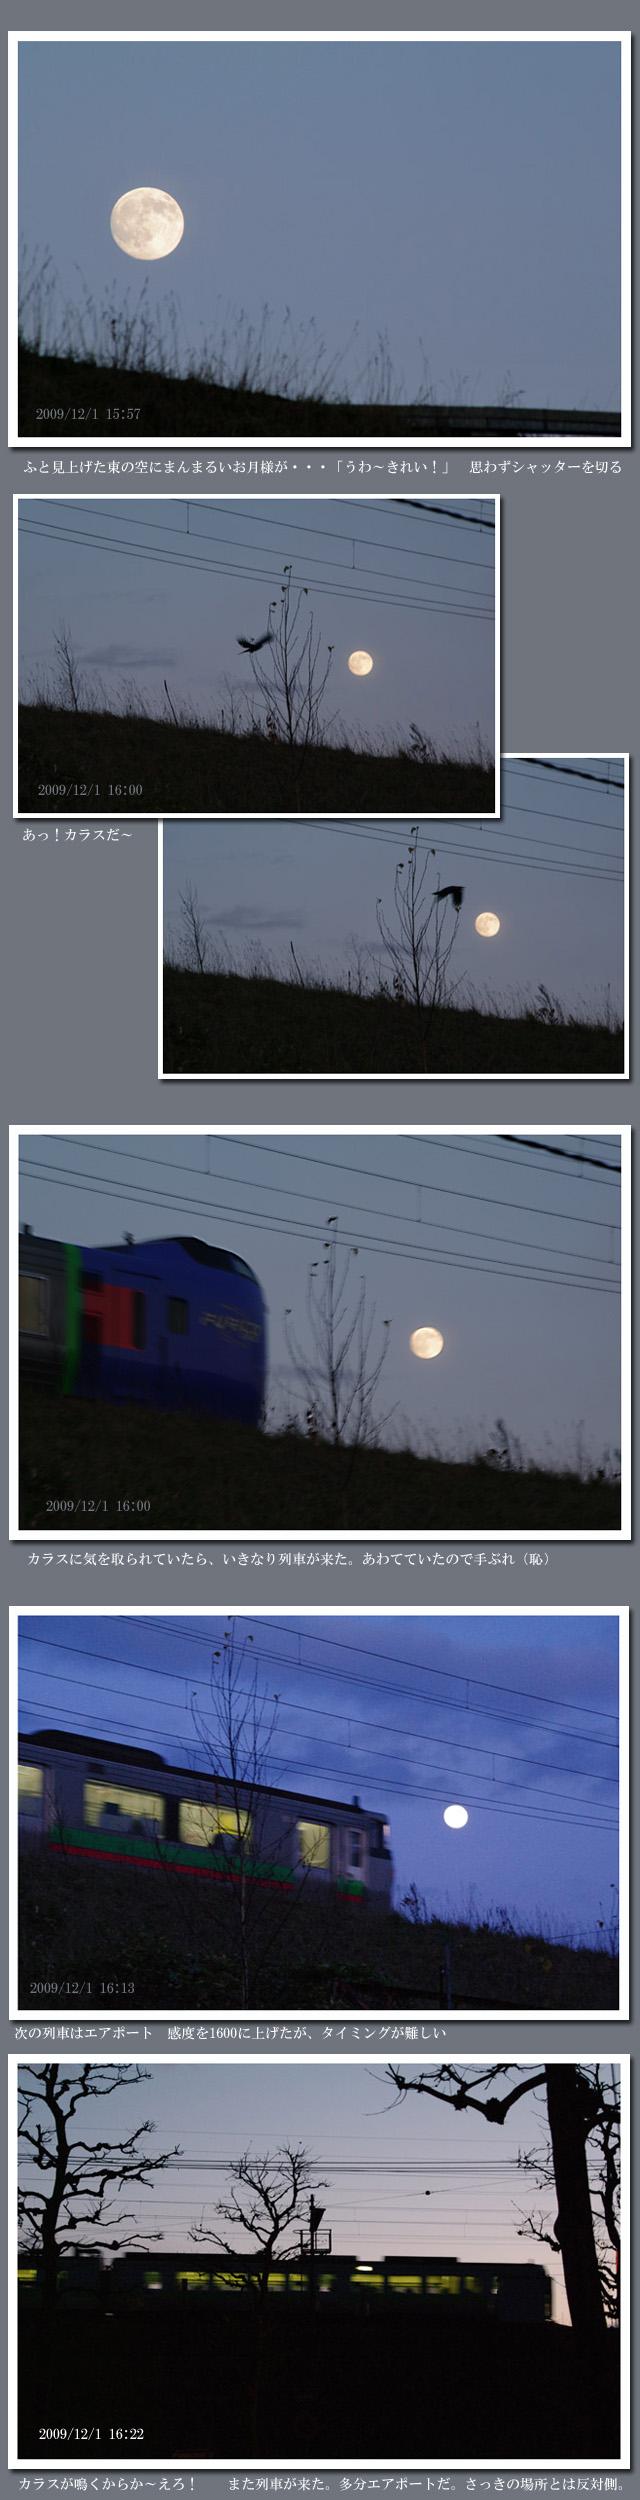 満月と列車_b0019313_167613.jpg